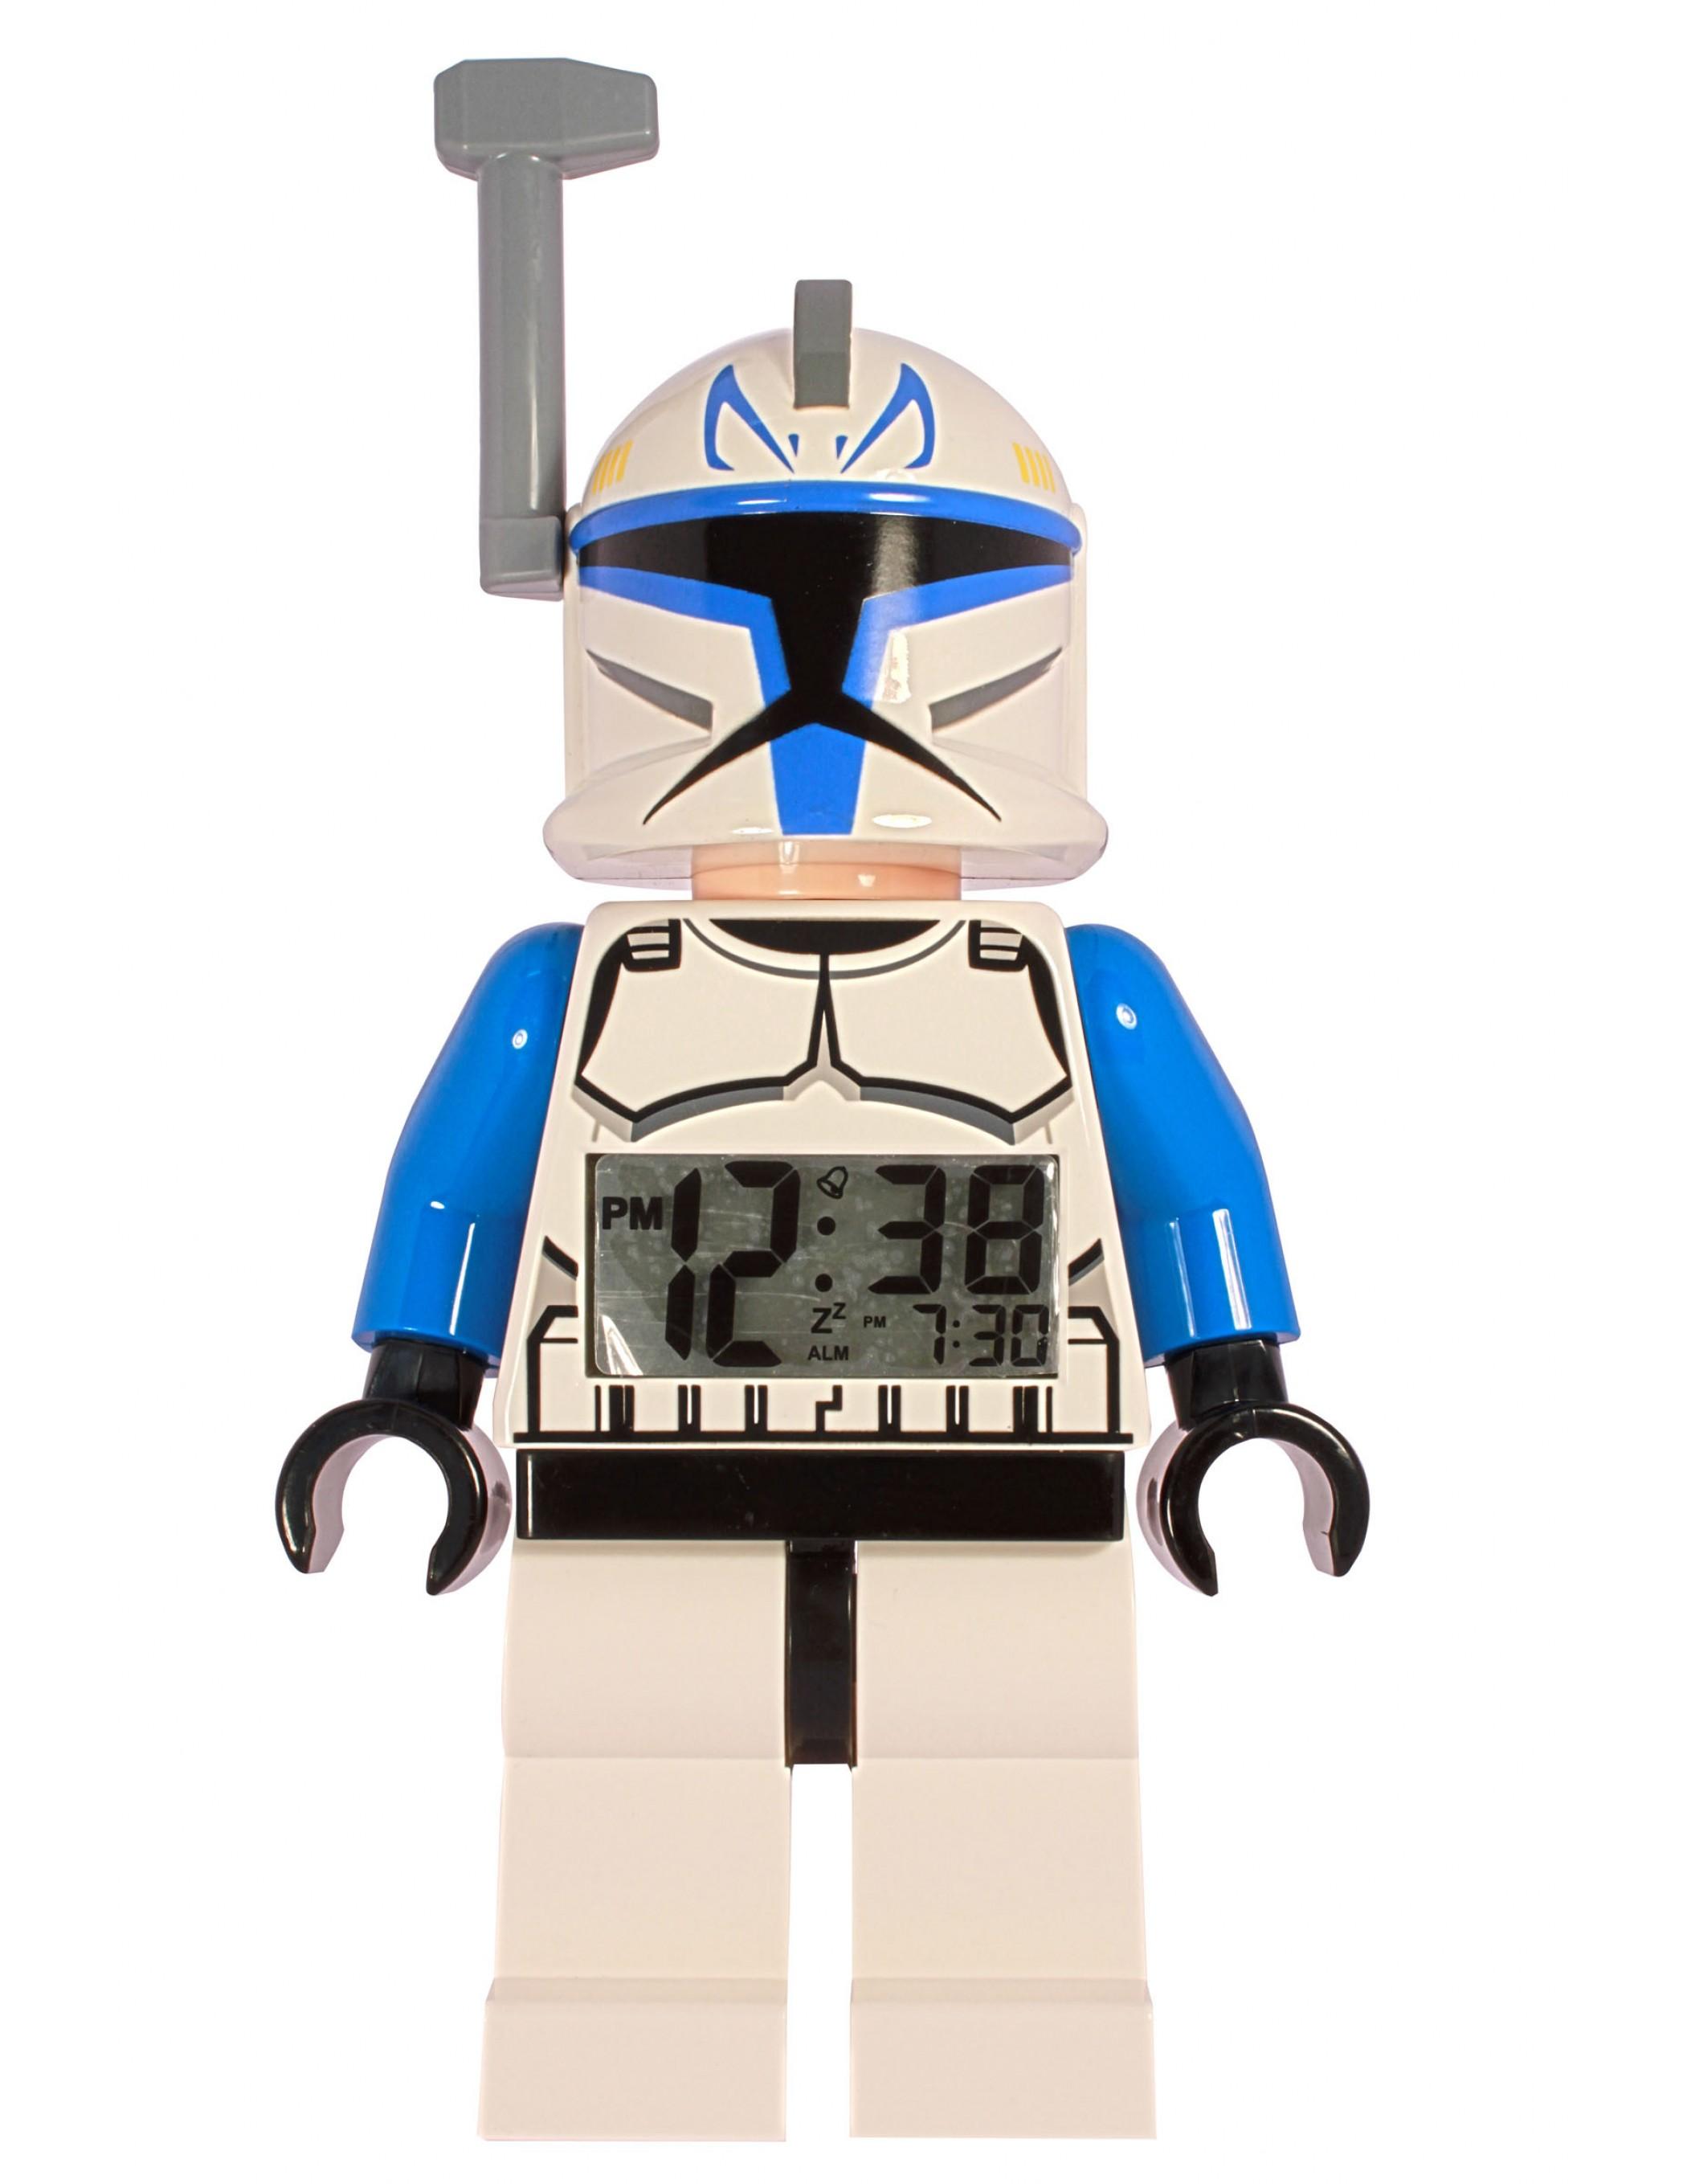 LEGO Star Wars Captain Rex Minifigure Clock - Best Educational Infant Toys stores Singapore